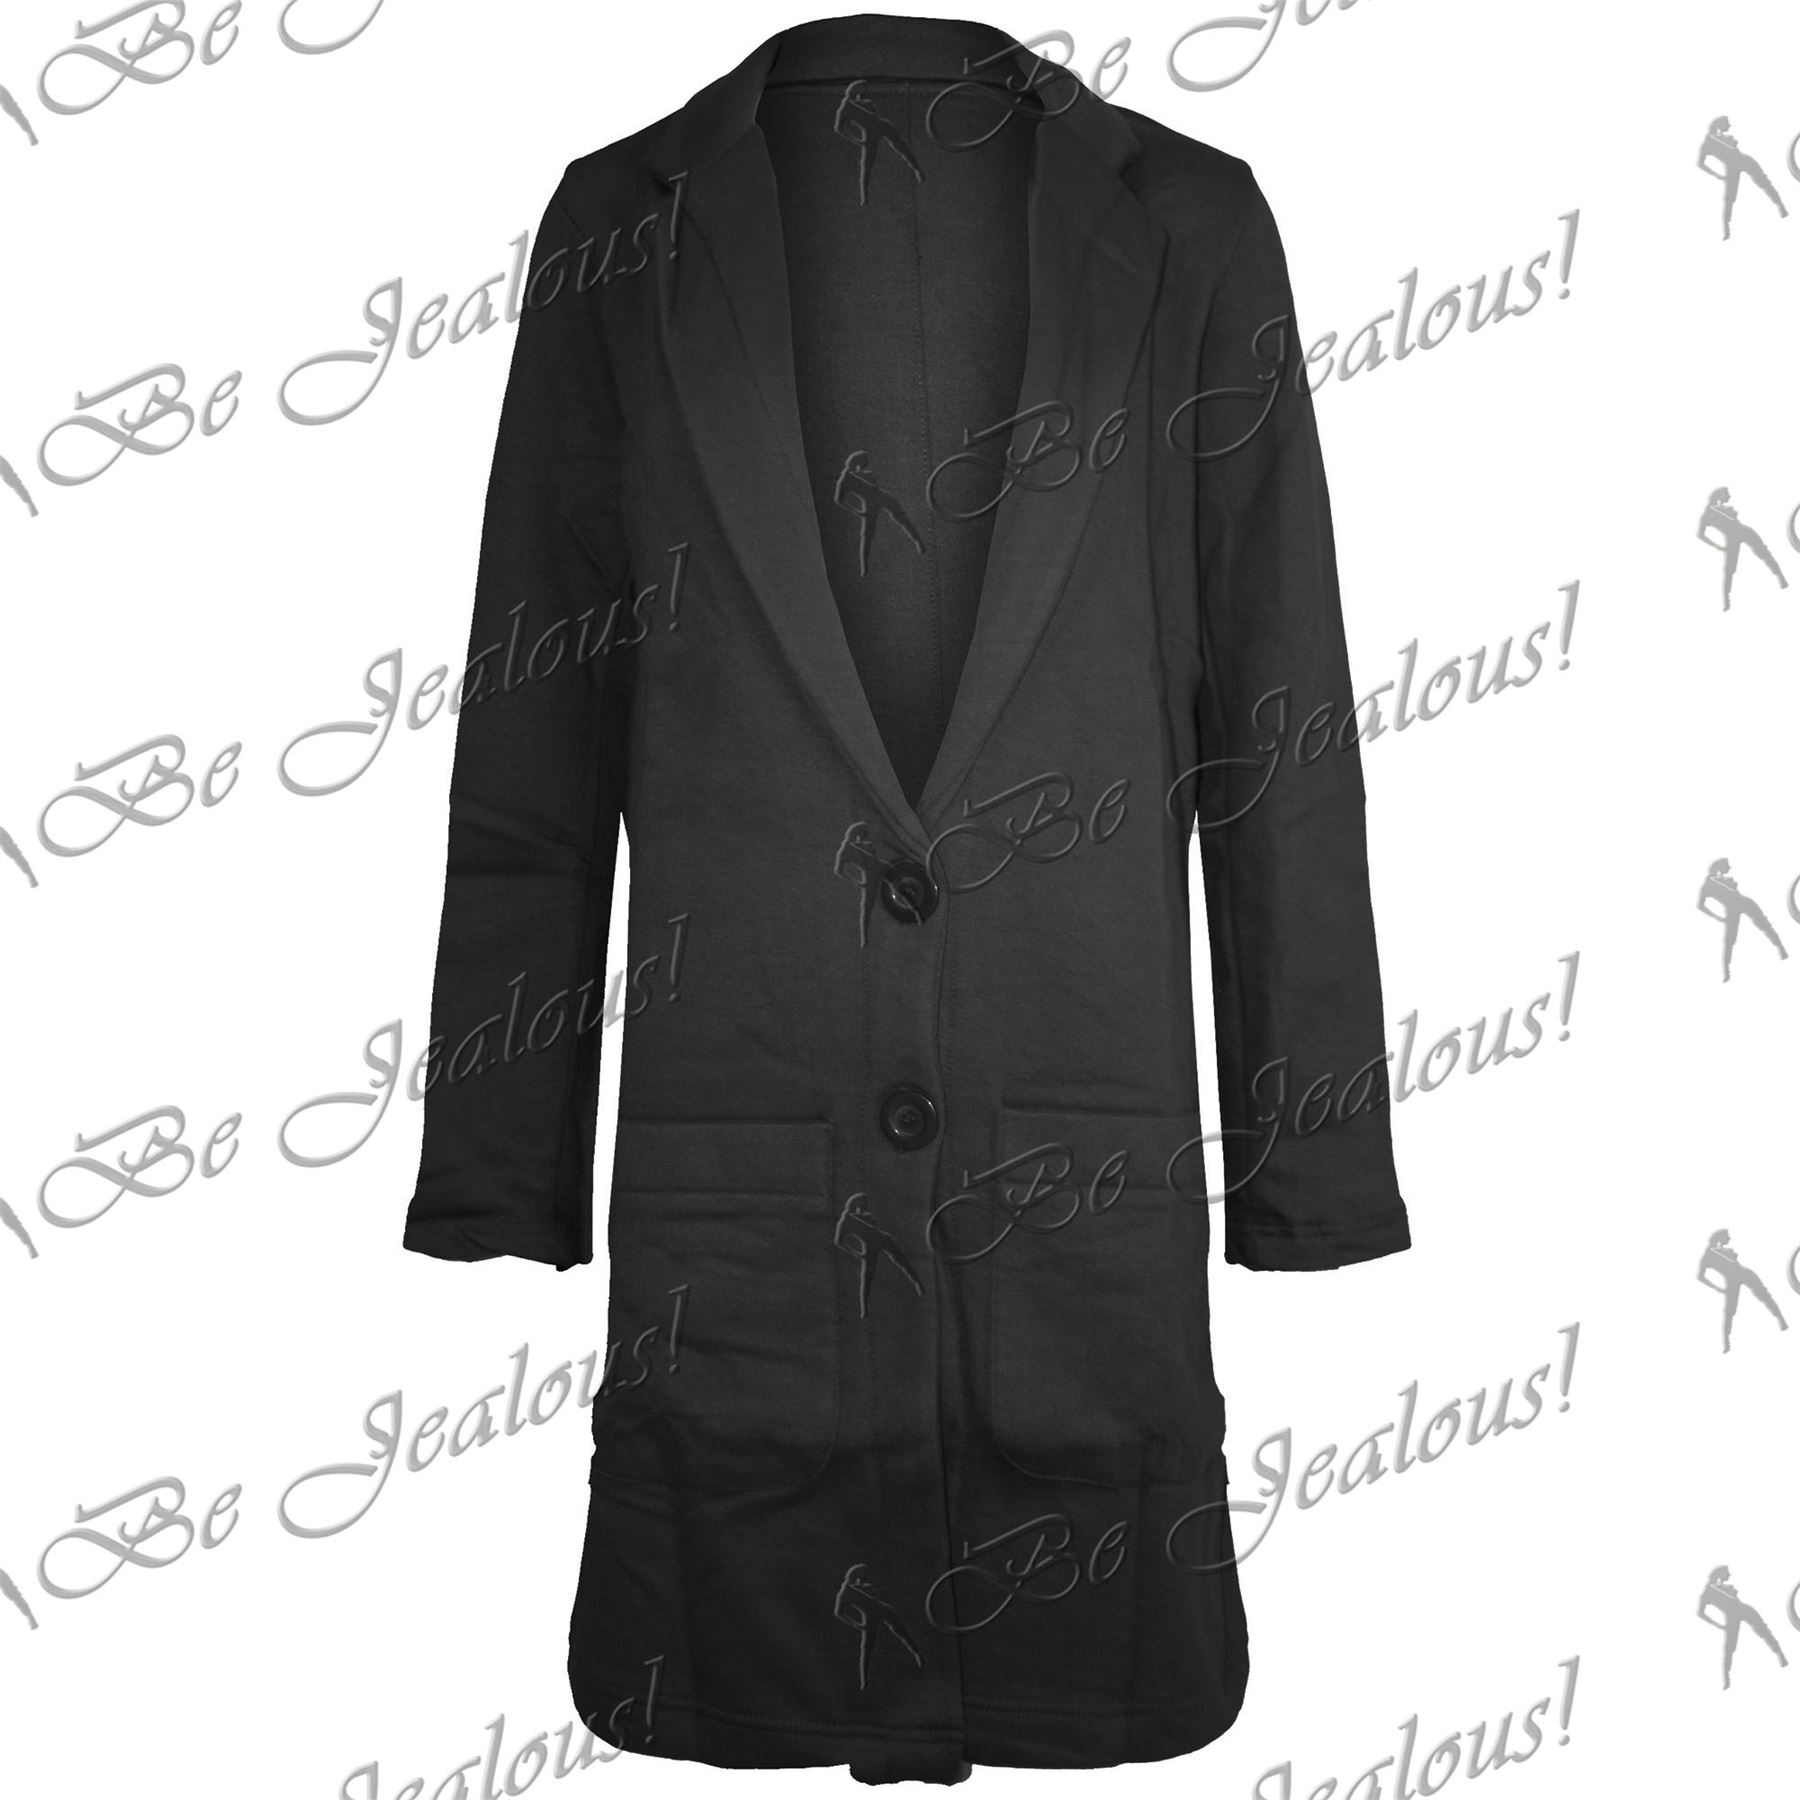 Womens-Ladies-Tartan-Long-Sleeves-Boyfriend-Front-Button-Long-Coat-Jacket-Blazer